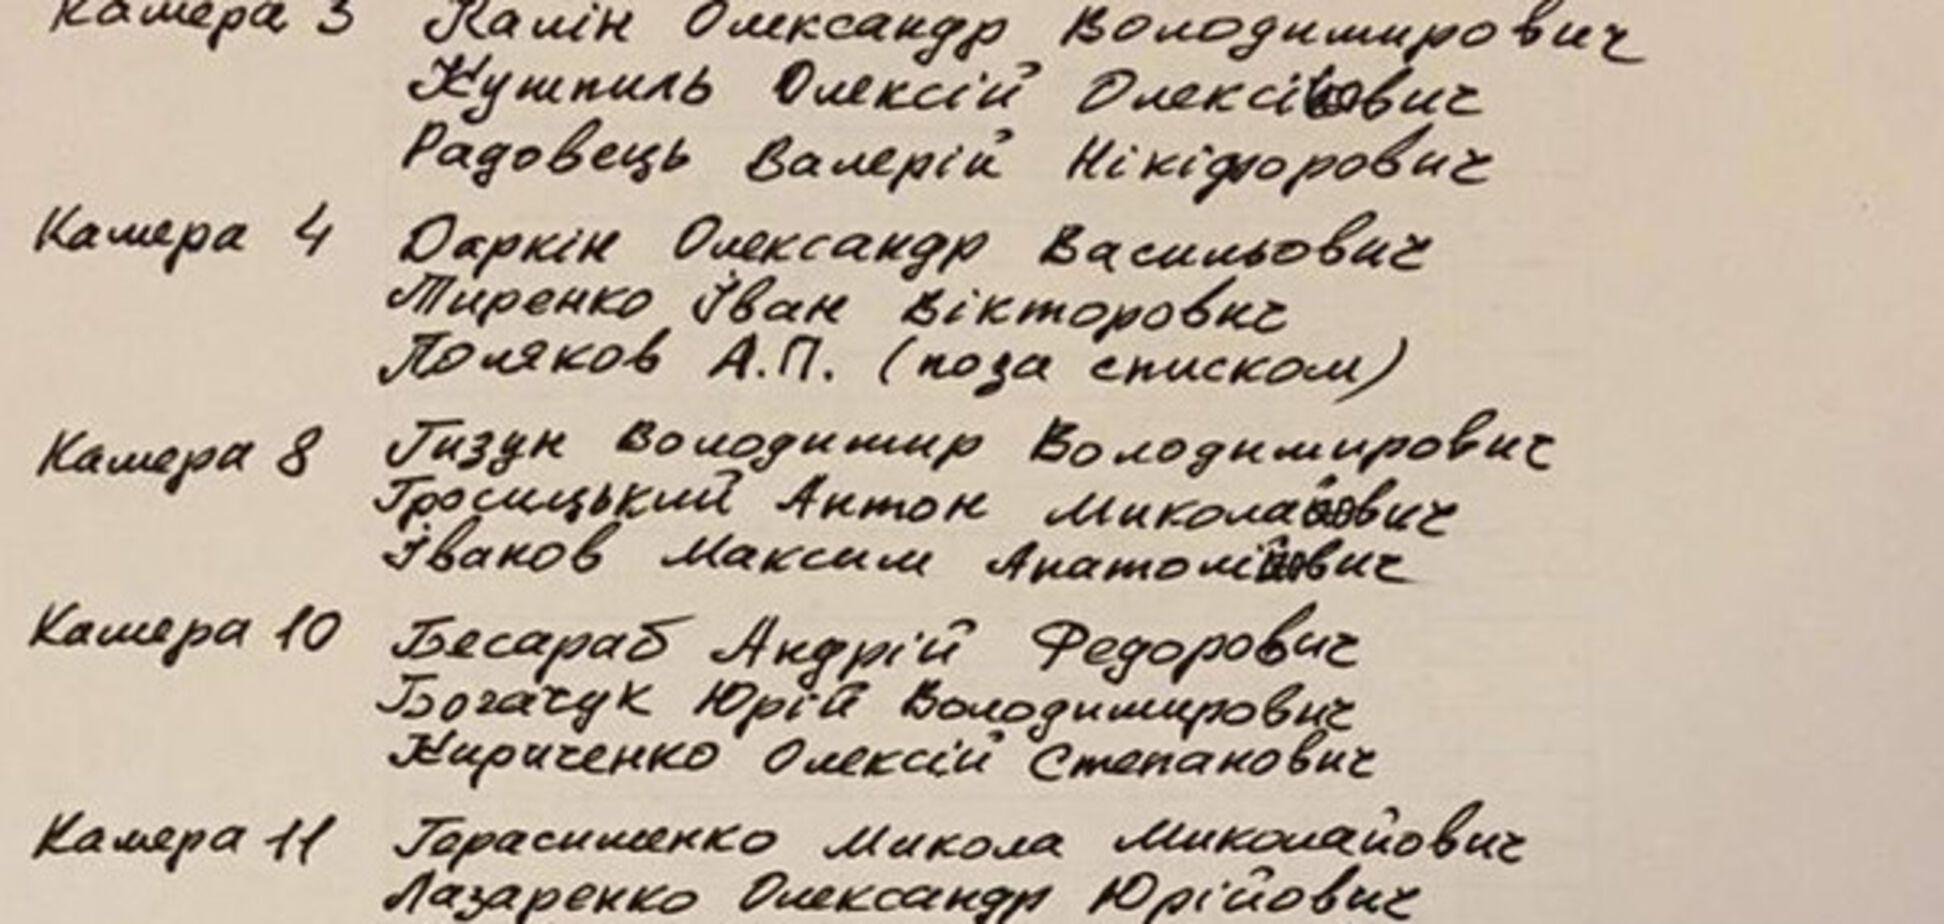 СБУ не указ: Савченко обнародовала очередной список пленных